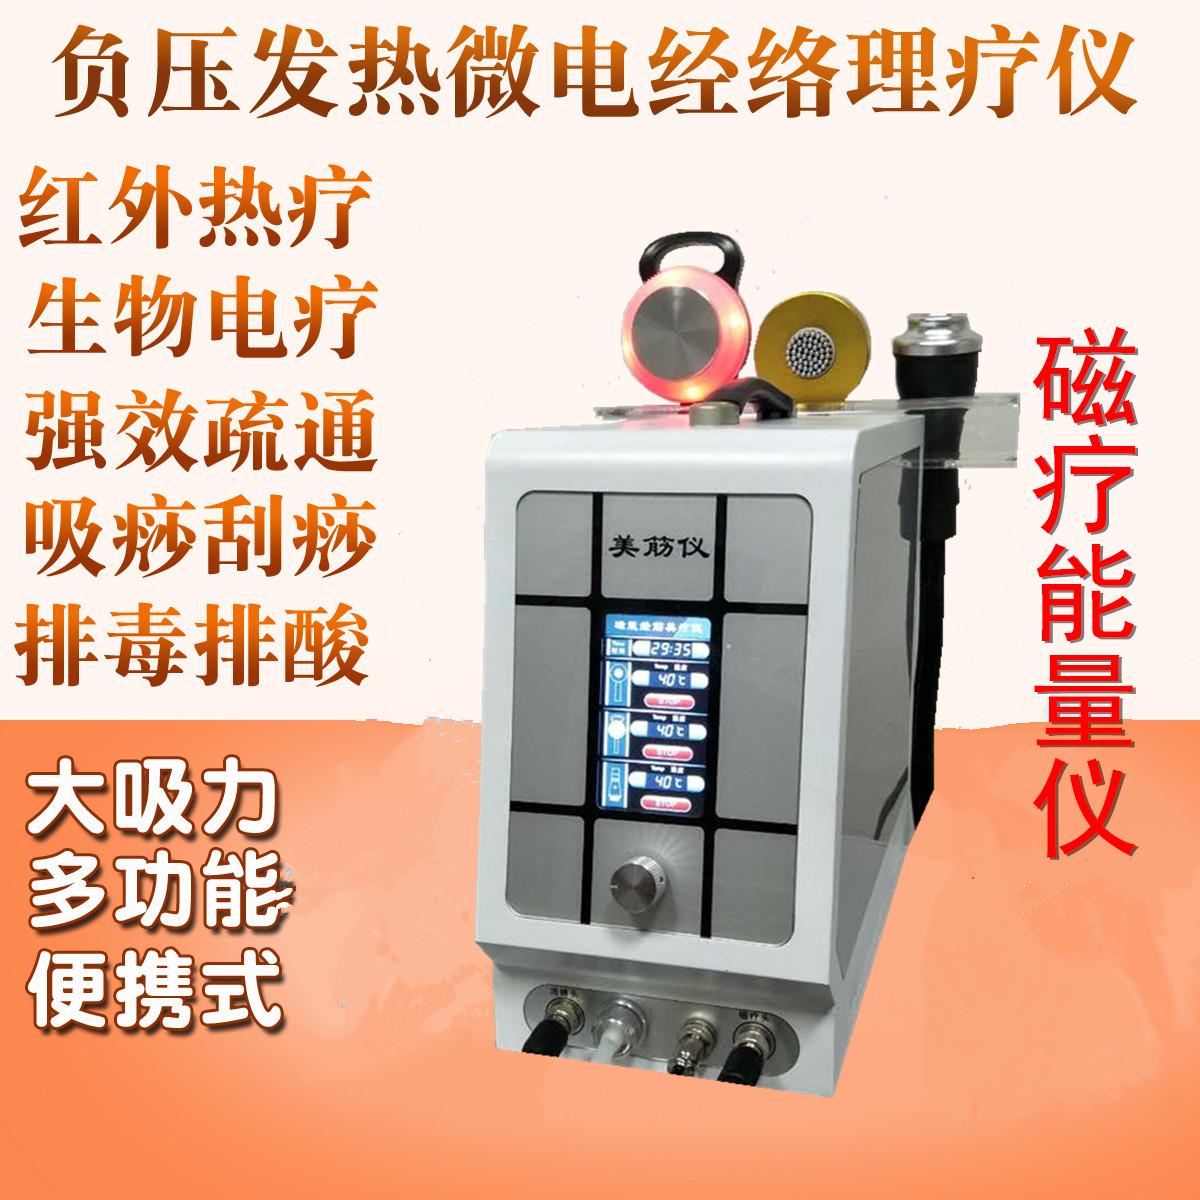 La presión negativa de refuerzo de instrumentos electrónicos de dragado de los canales de energía magnética energía magnética cepillo de gluten de instrumentos